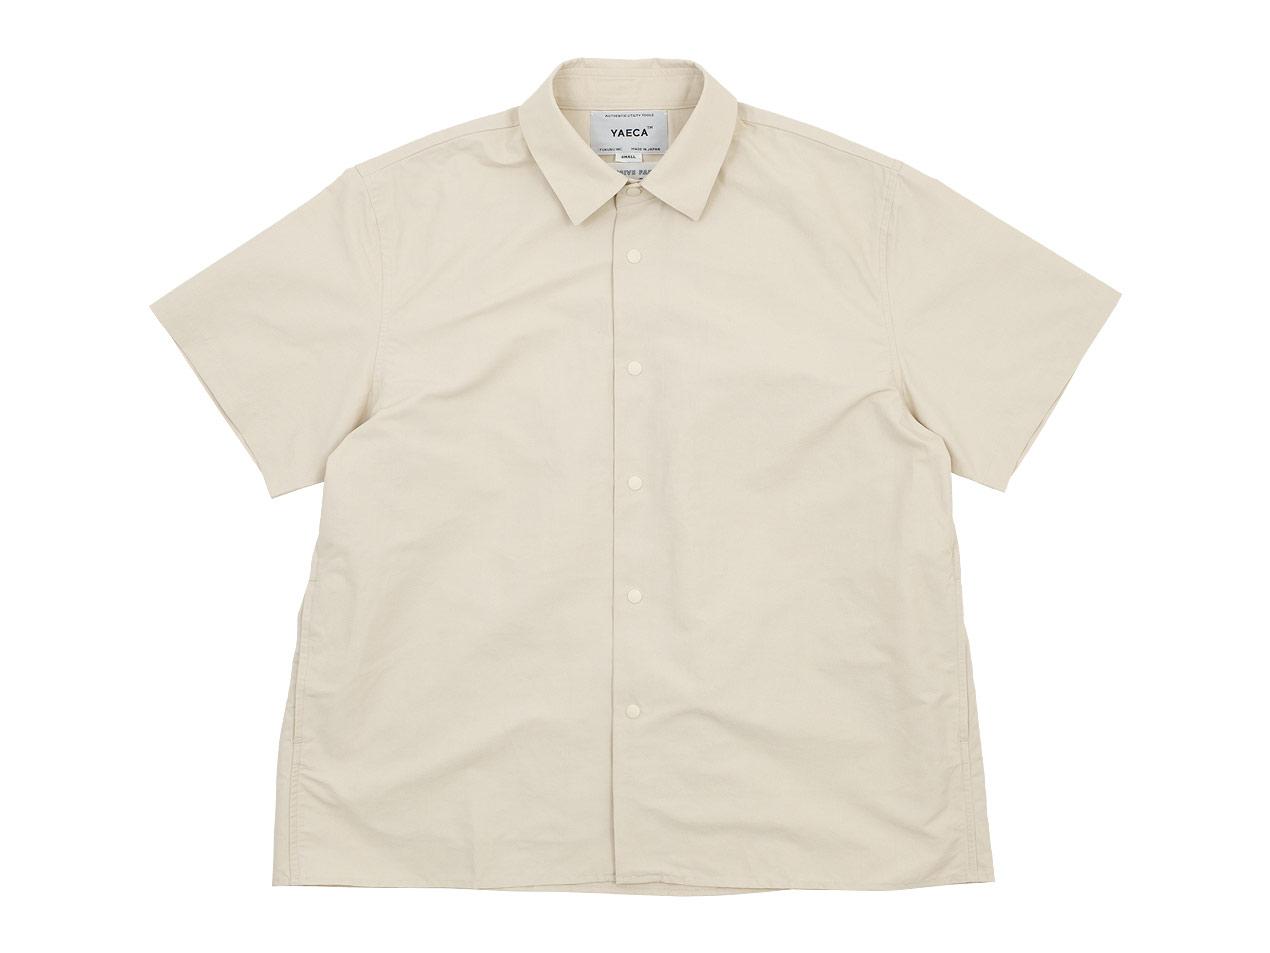 YAECA コンフォートシャツ 半袖 / YAECA チノパン タックテーパード 〔メンズ〕